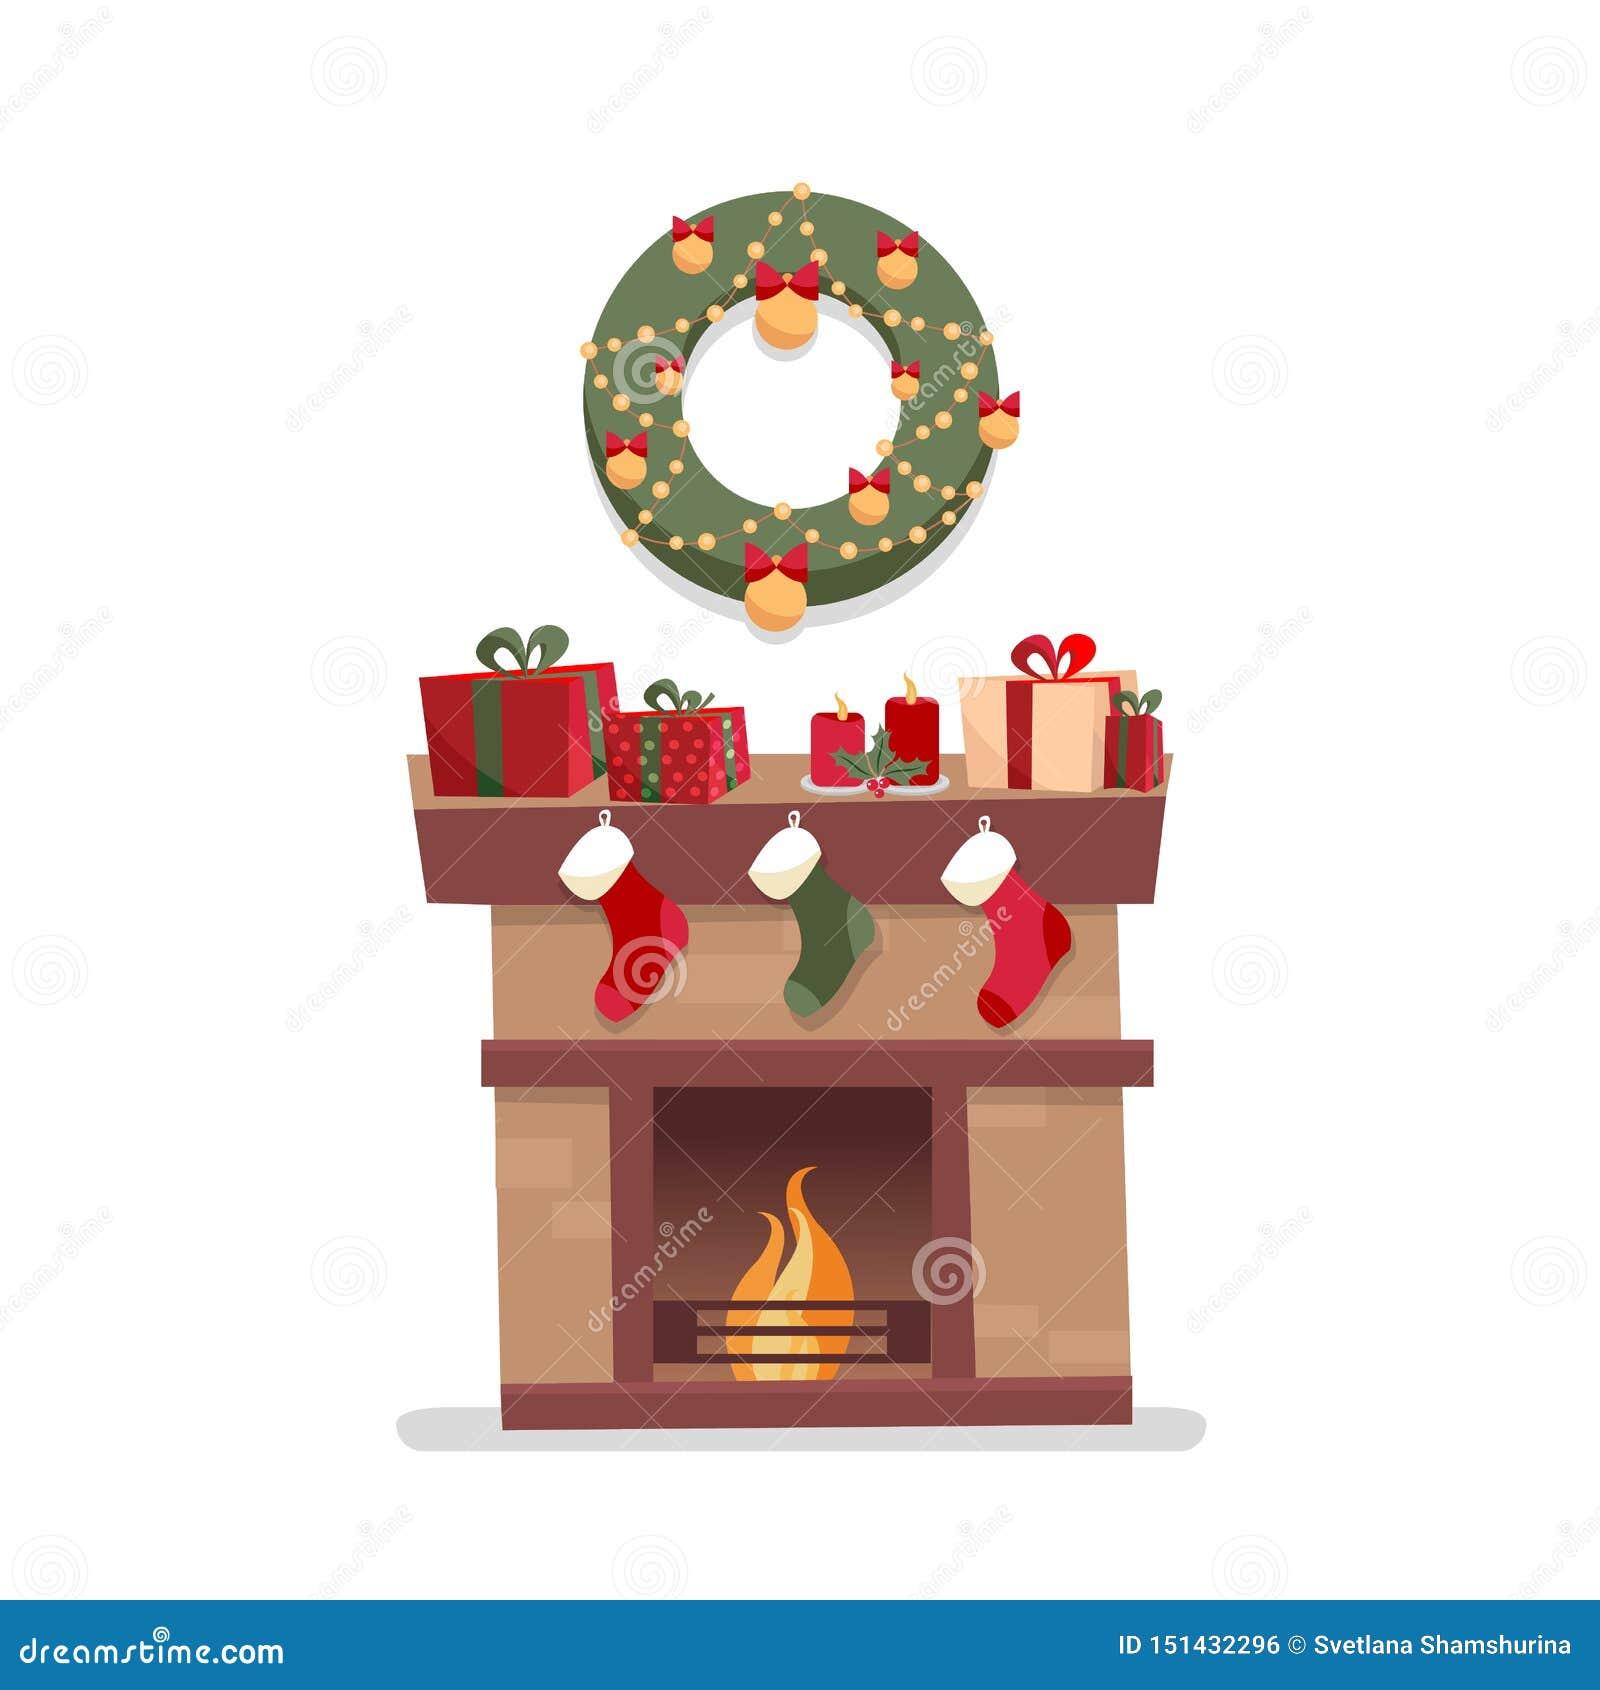 Chimenea de la Navidad con los calcetines, las decoraciones, las cajas de regalo, los candeles, los calcetines y la guirnalda en